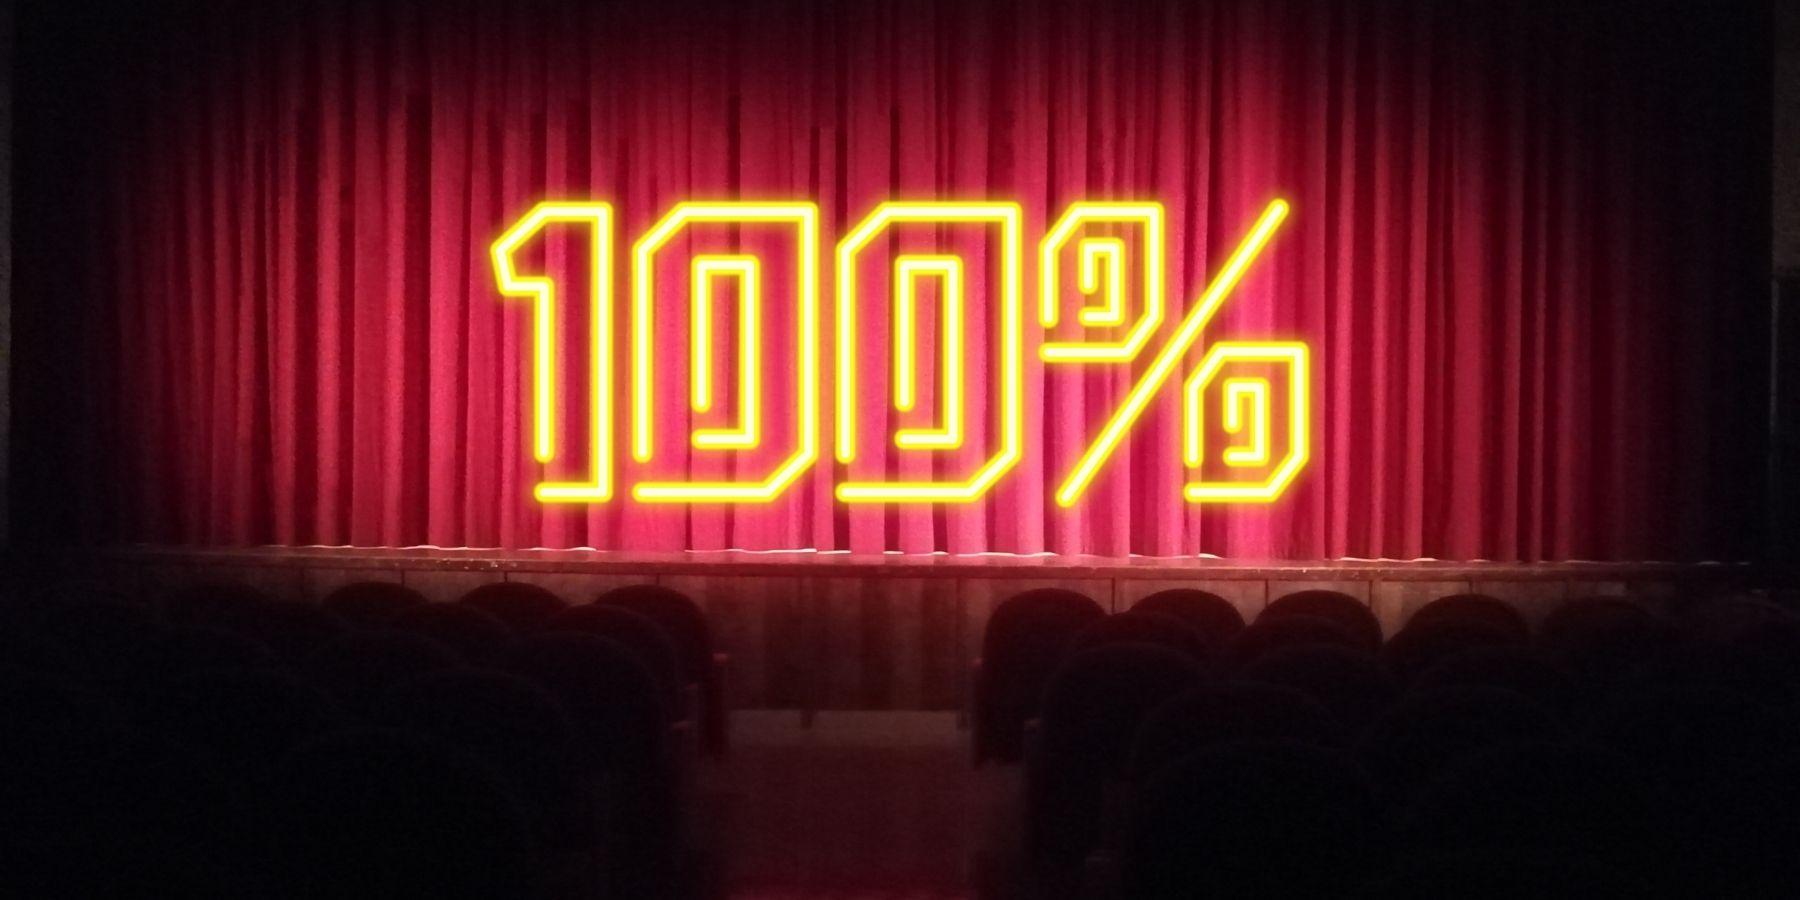 Teatri al 100%: recuperiamo Rassegna-T